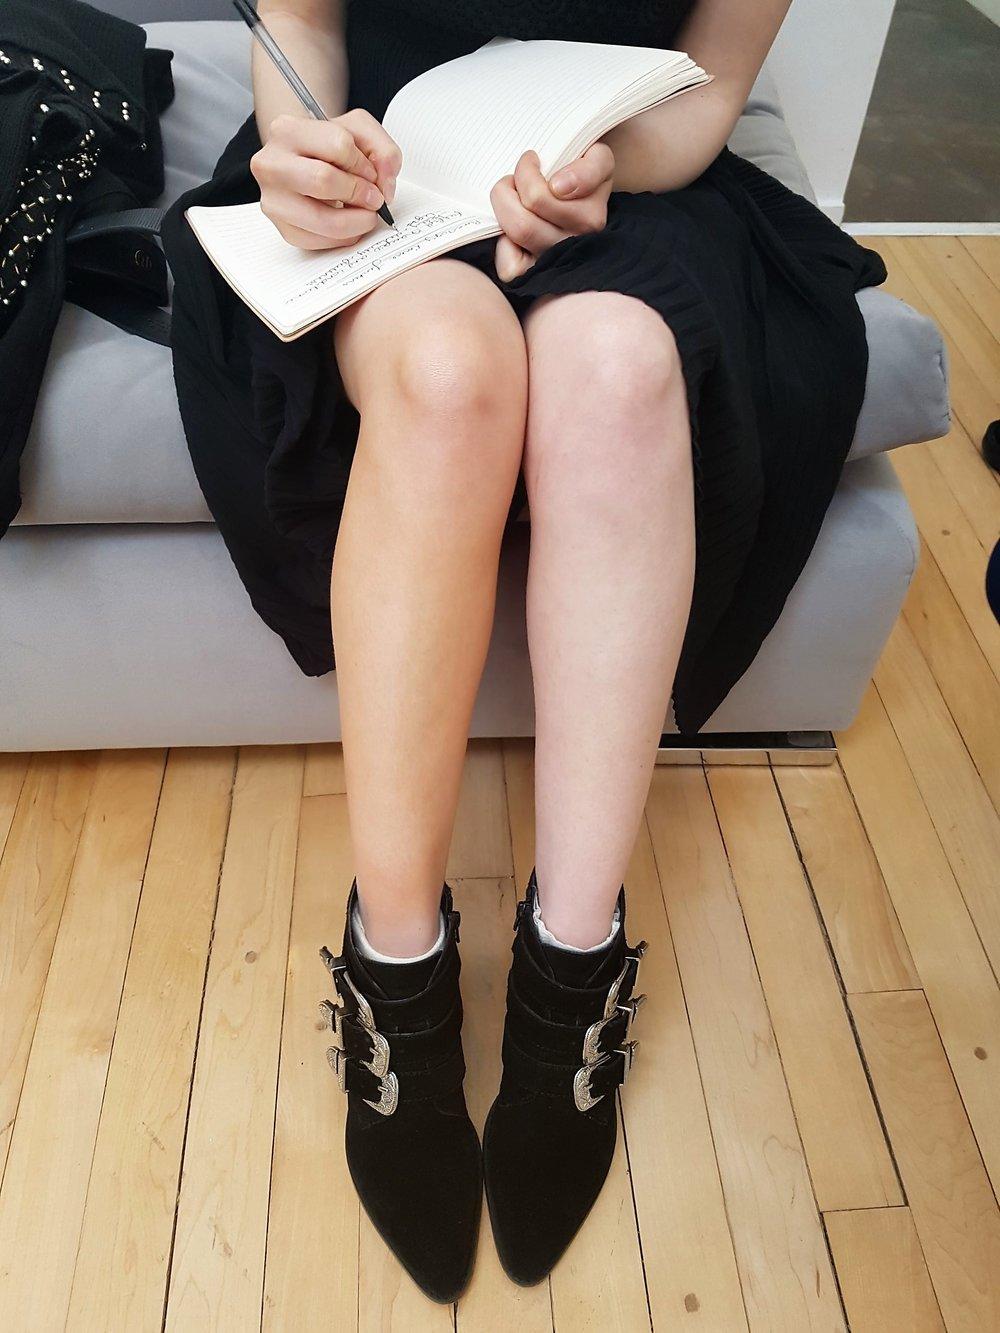 amelia's legs.jpg